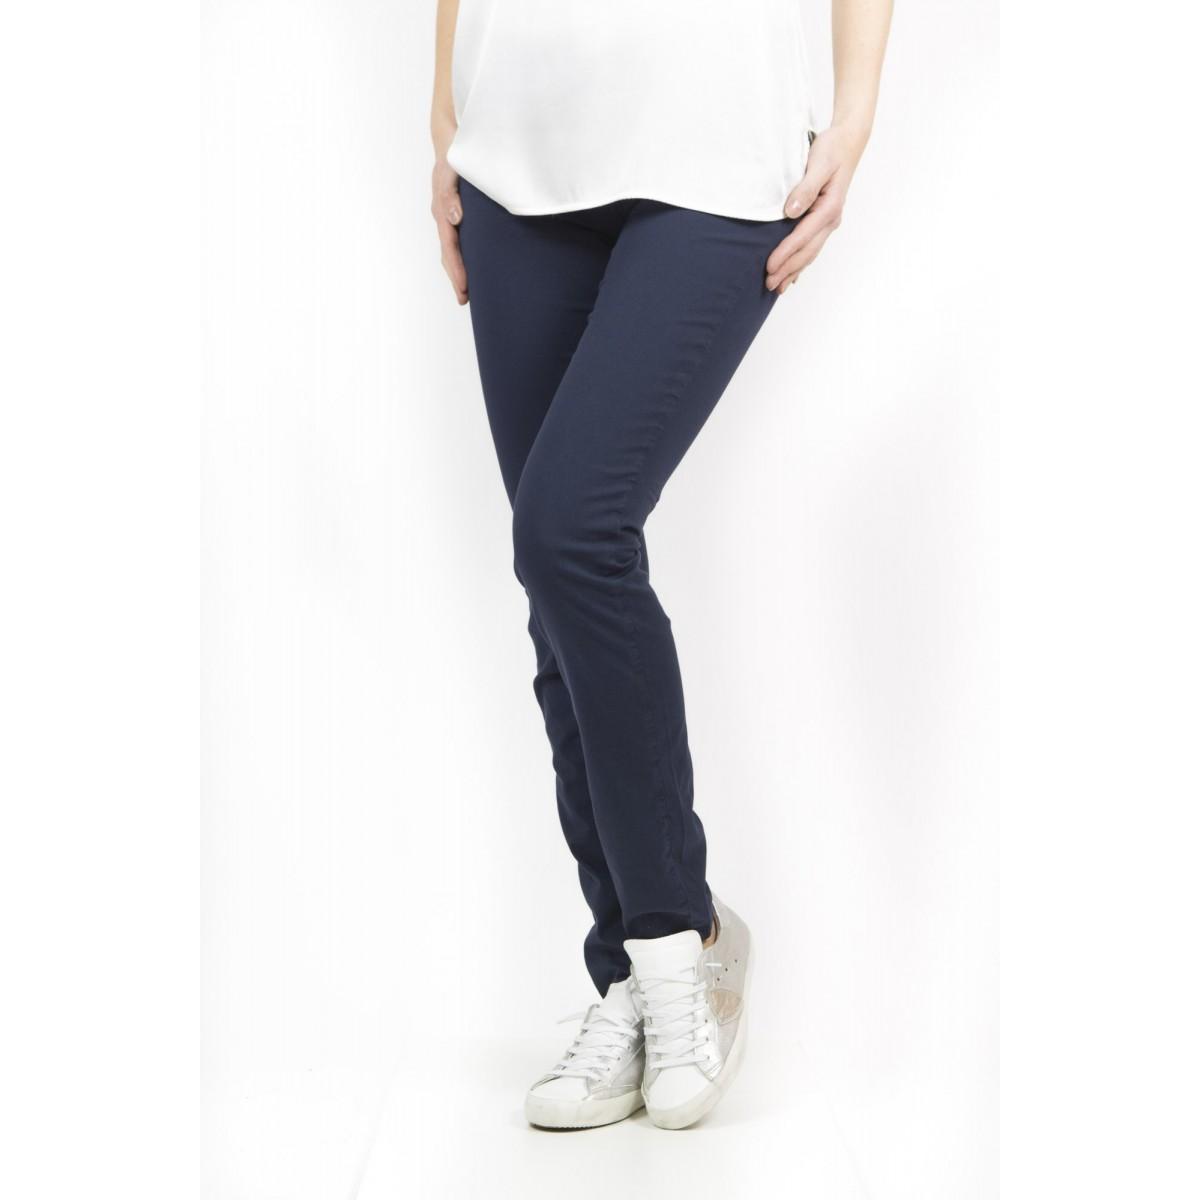 Leggings-Pantaloni stretch Track Pants-casa PANTALONI DONNA PANTALONI CASUAL TG 40-54